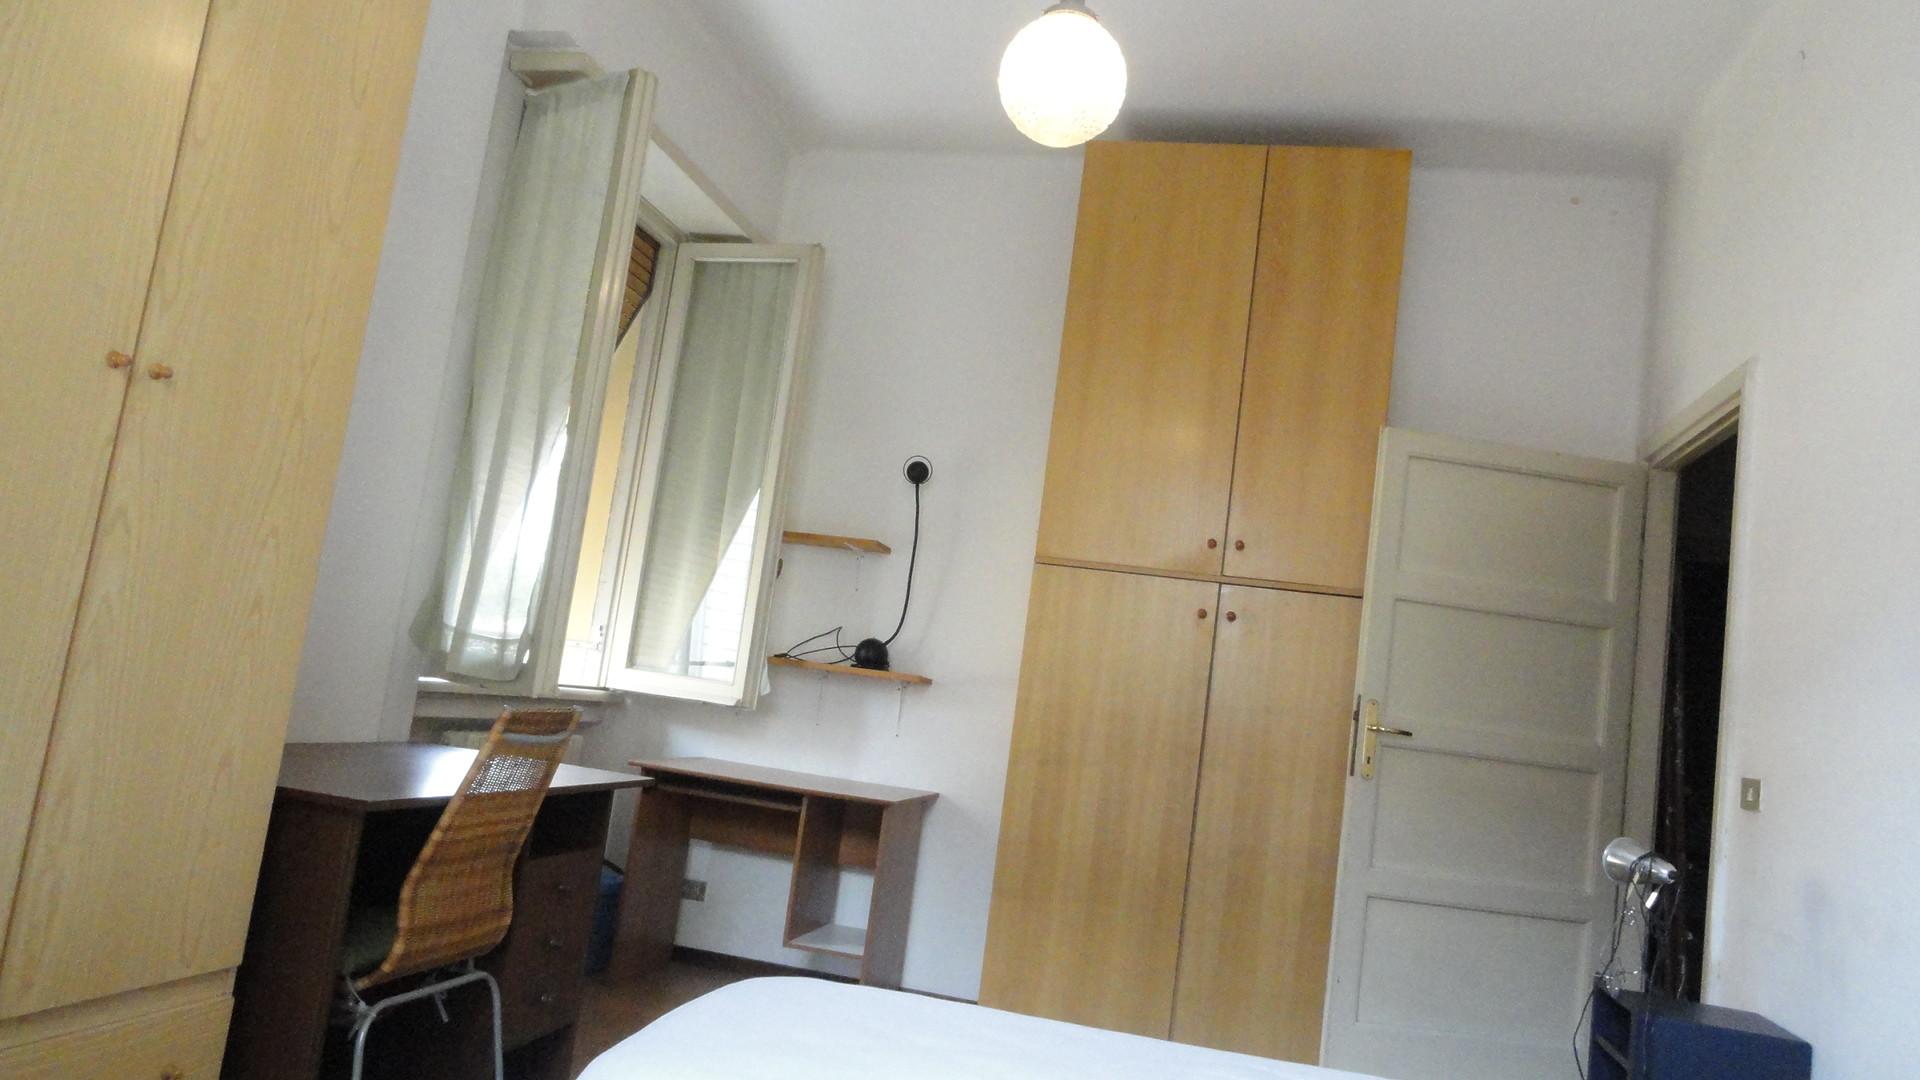 camera singola a 300 metri dal campus, in centro di Forli